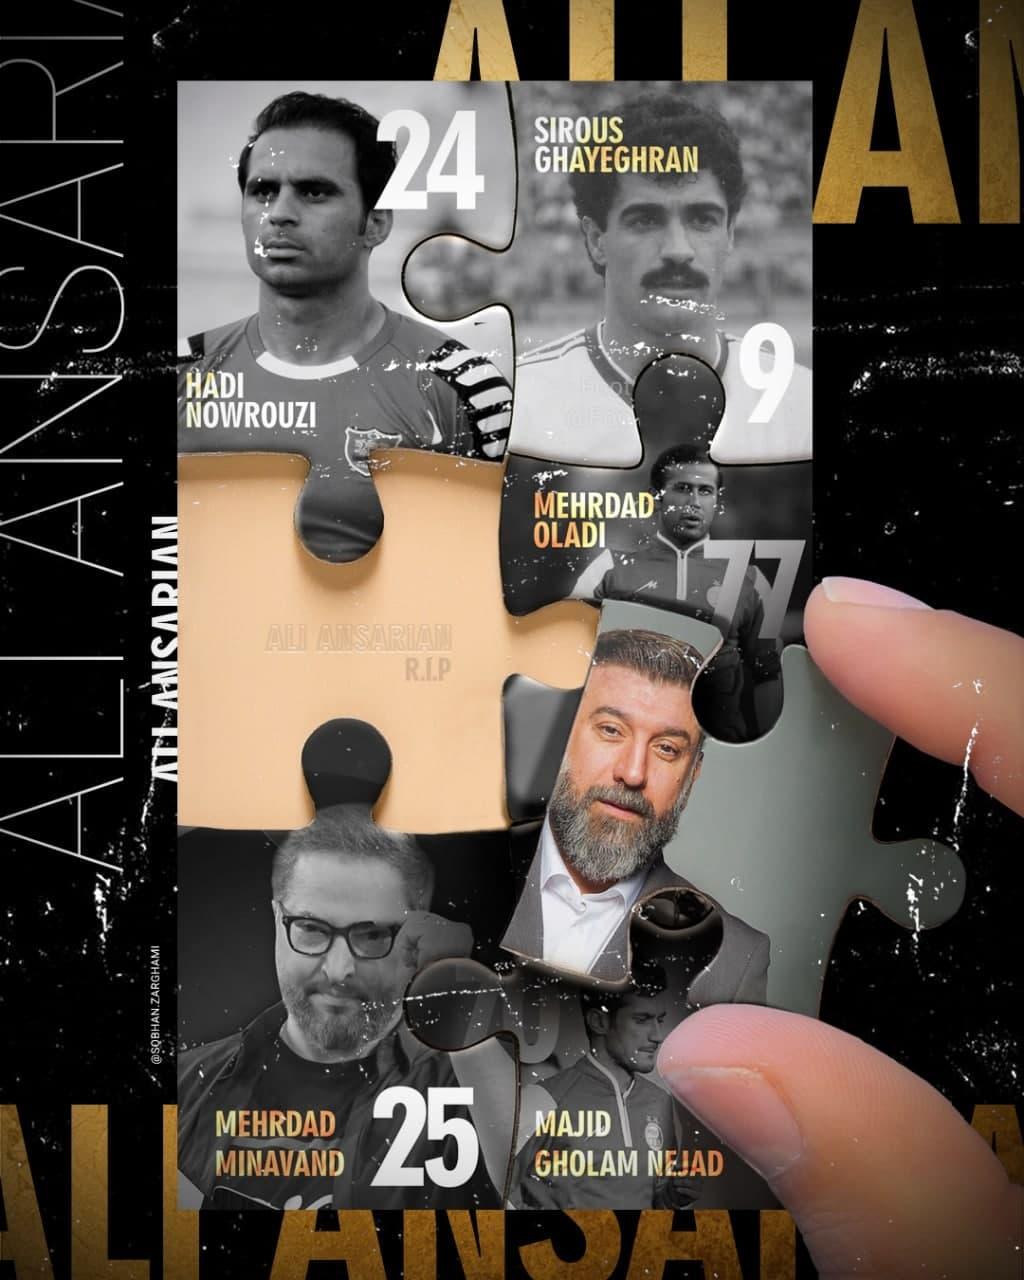 علی انصاریان پیش بینی فوتبال